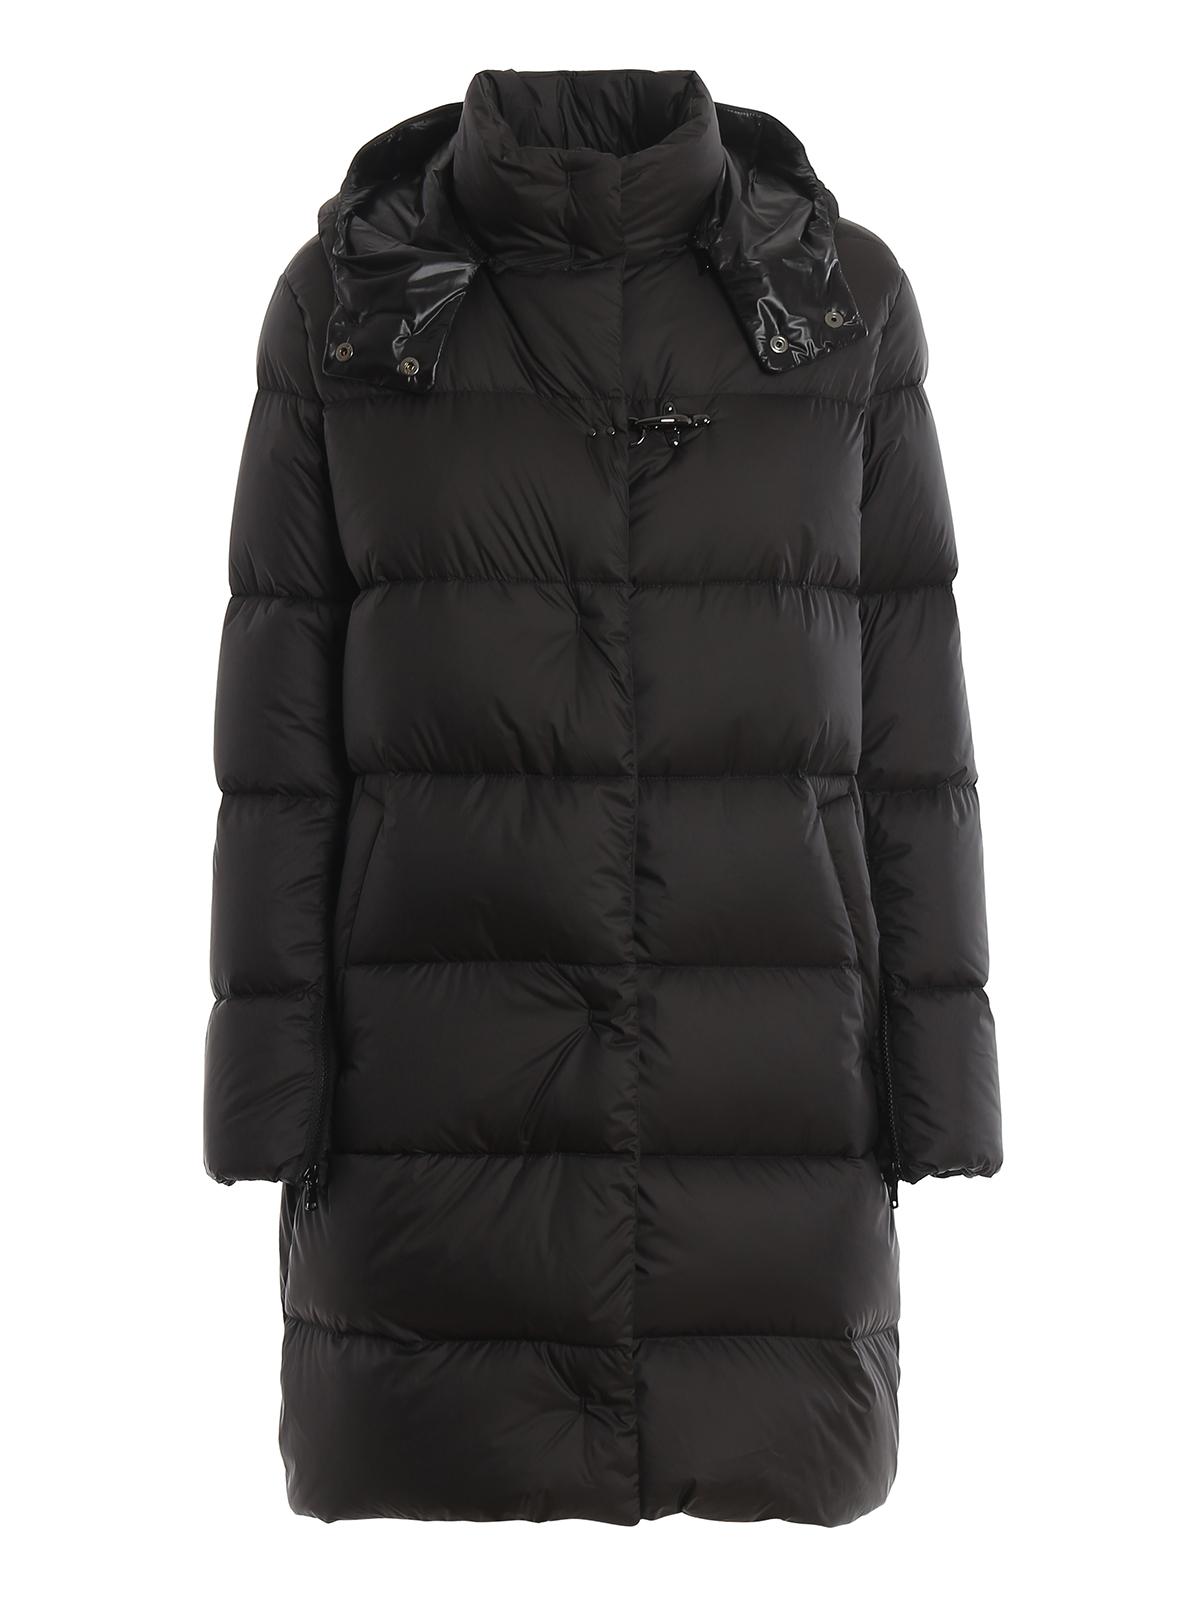 buy popular defe8 ffe89 Fay - Piumino lungo nero opaco con cappuccio - cappotti ...